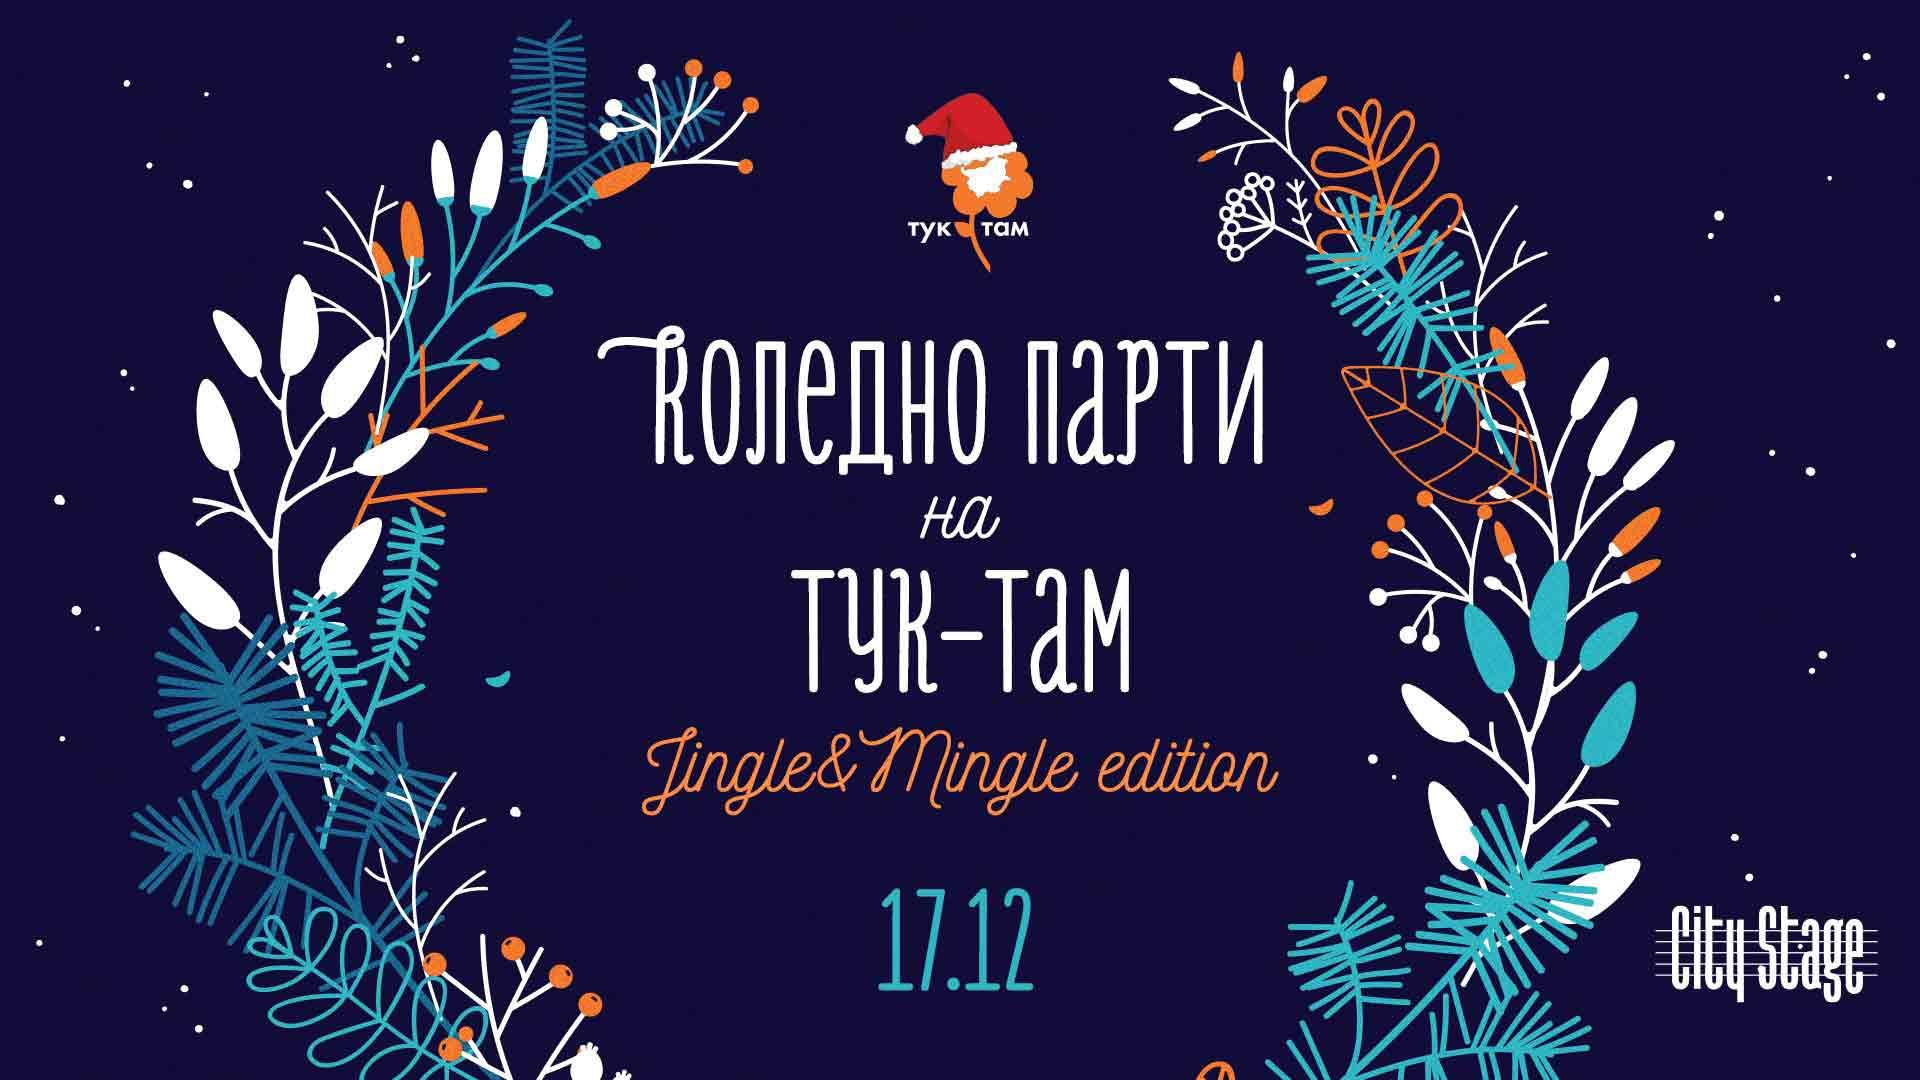 Коледно парти на Тук-Там' | 17 декември 2018г. City Stage